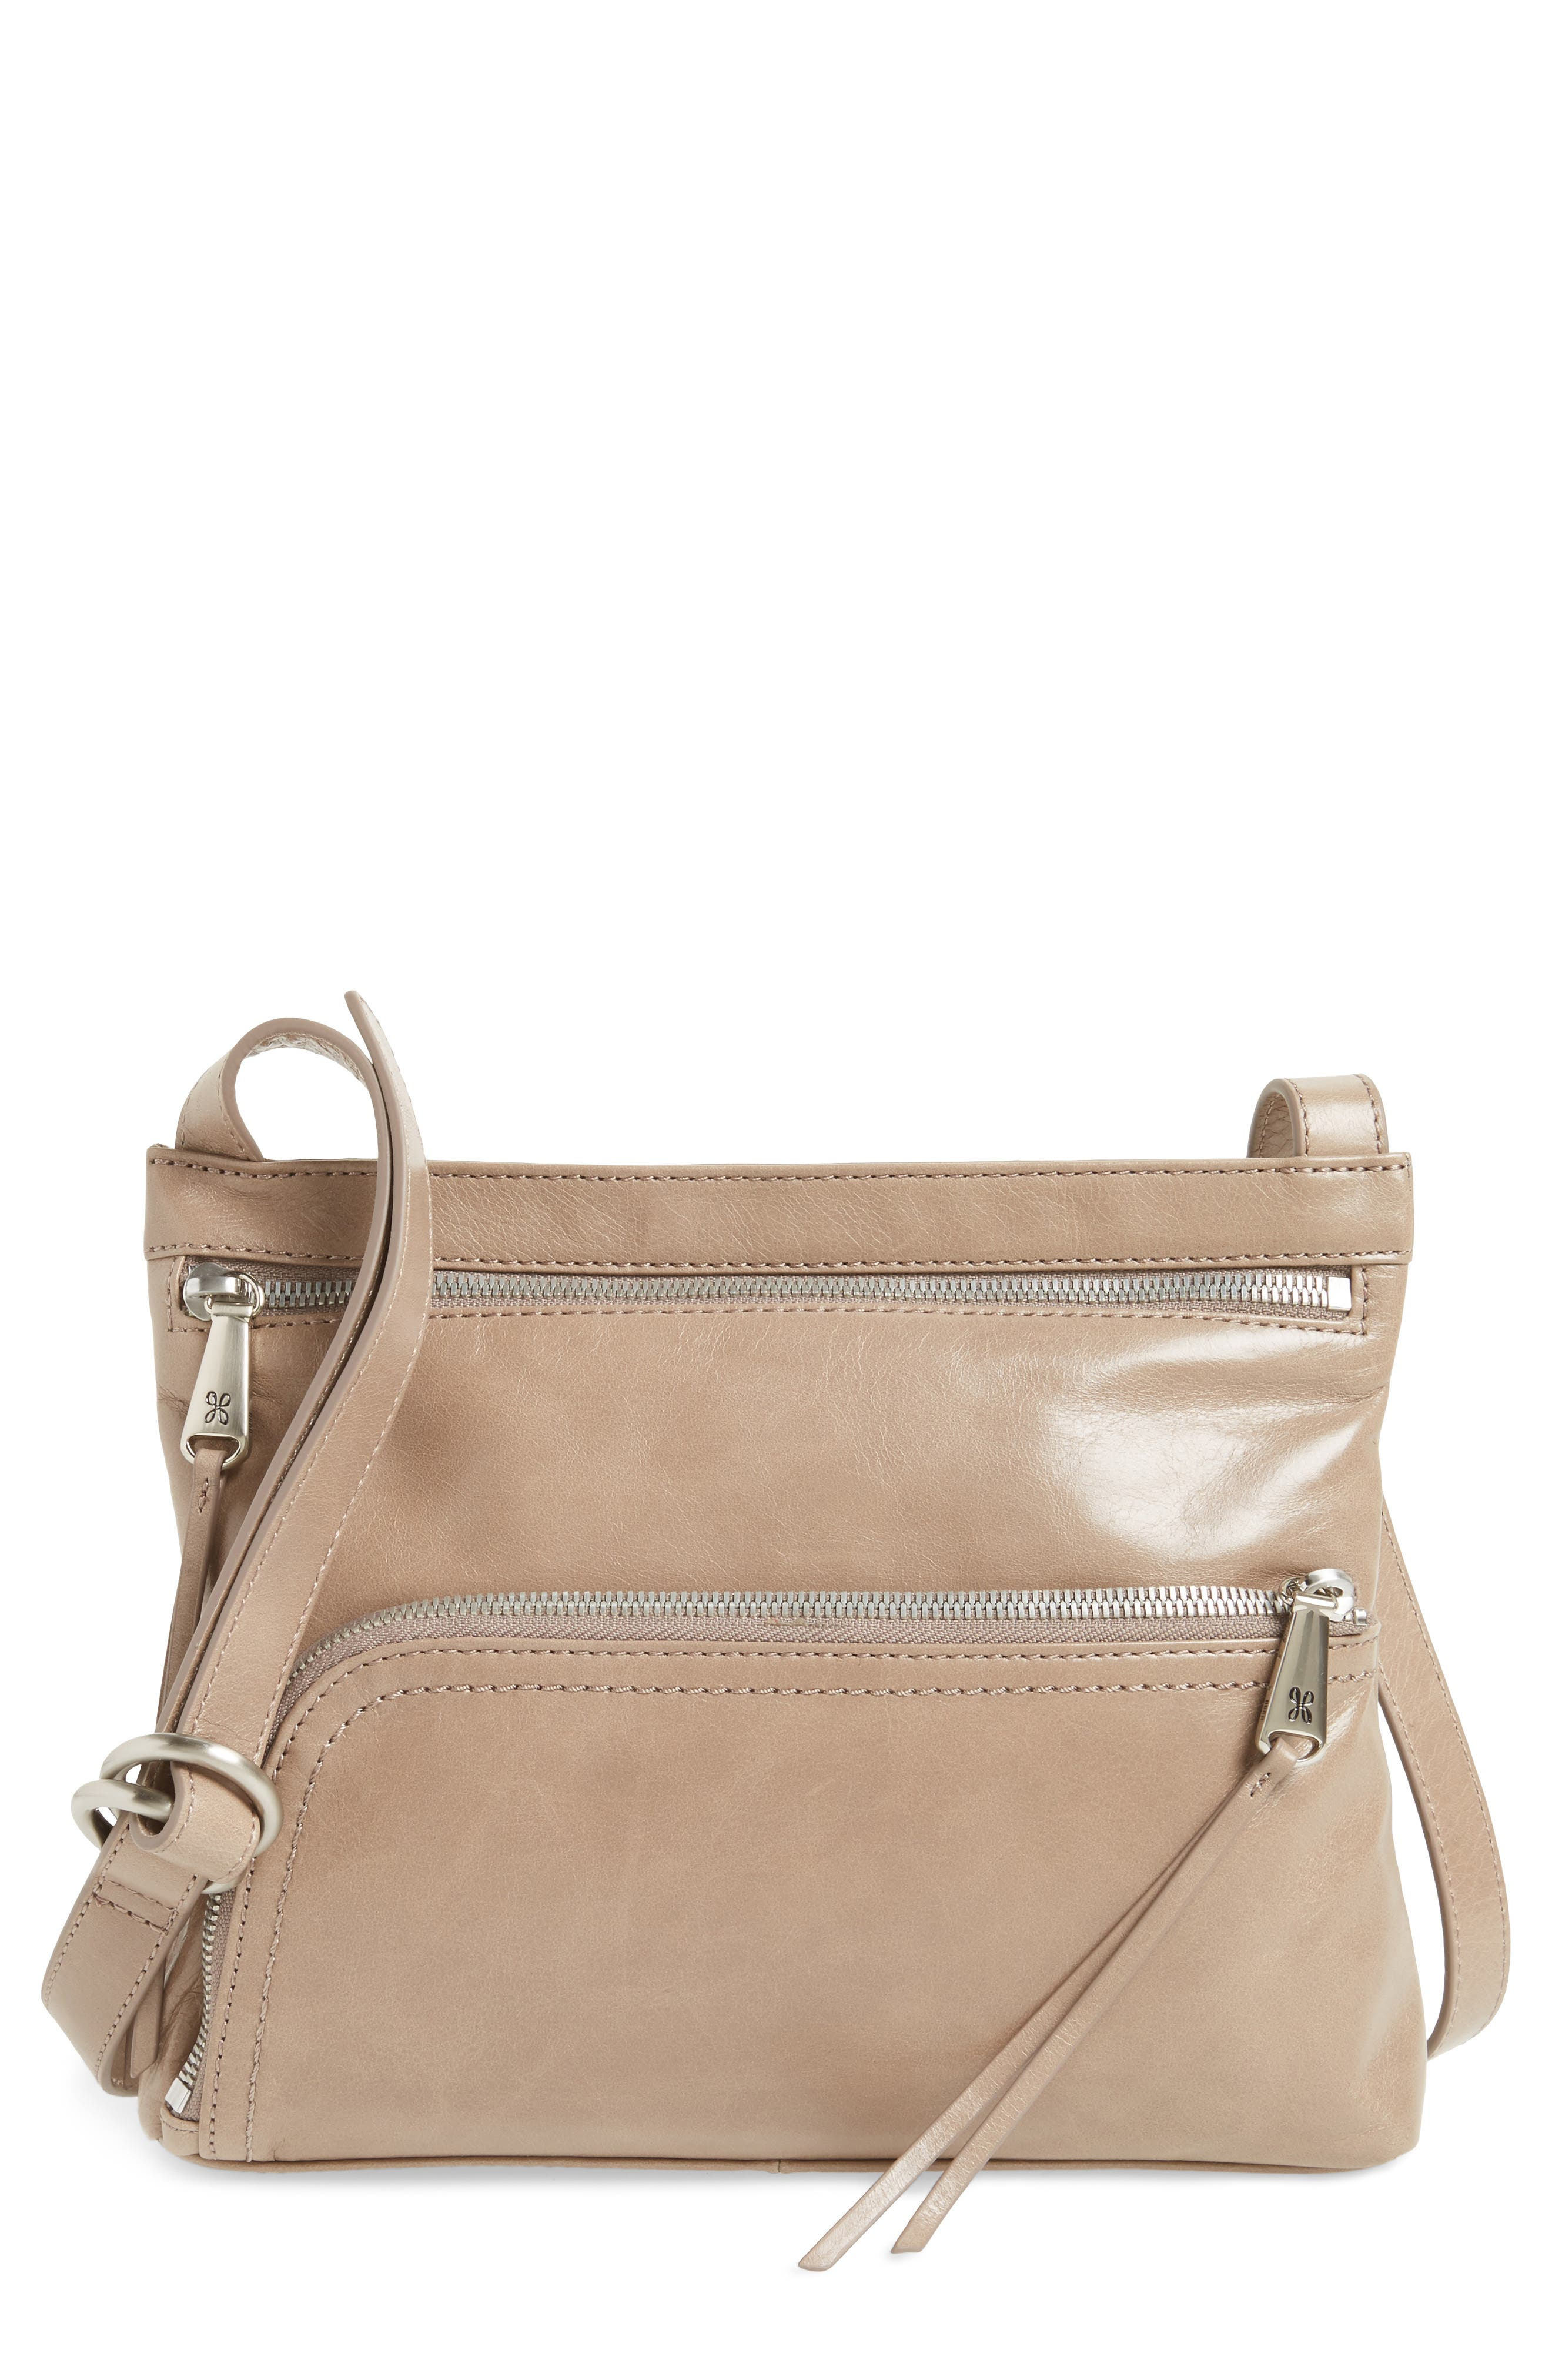 Hobo 'Cassie' Crossbody Bag